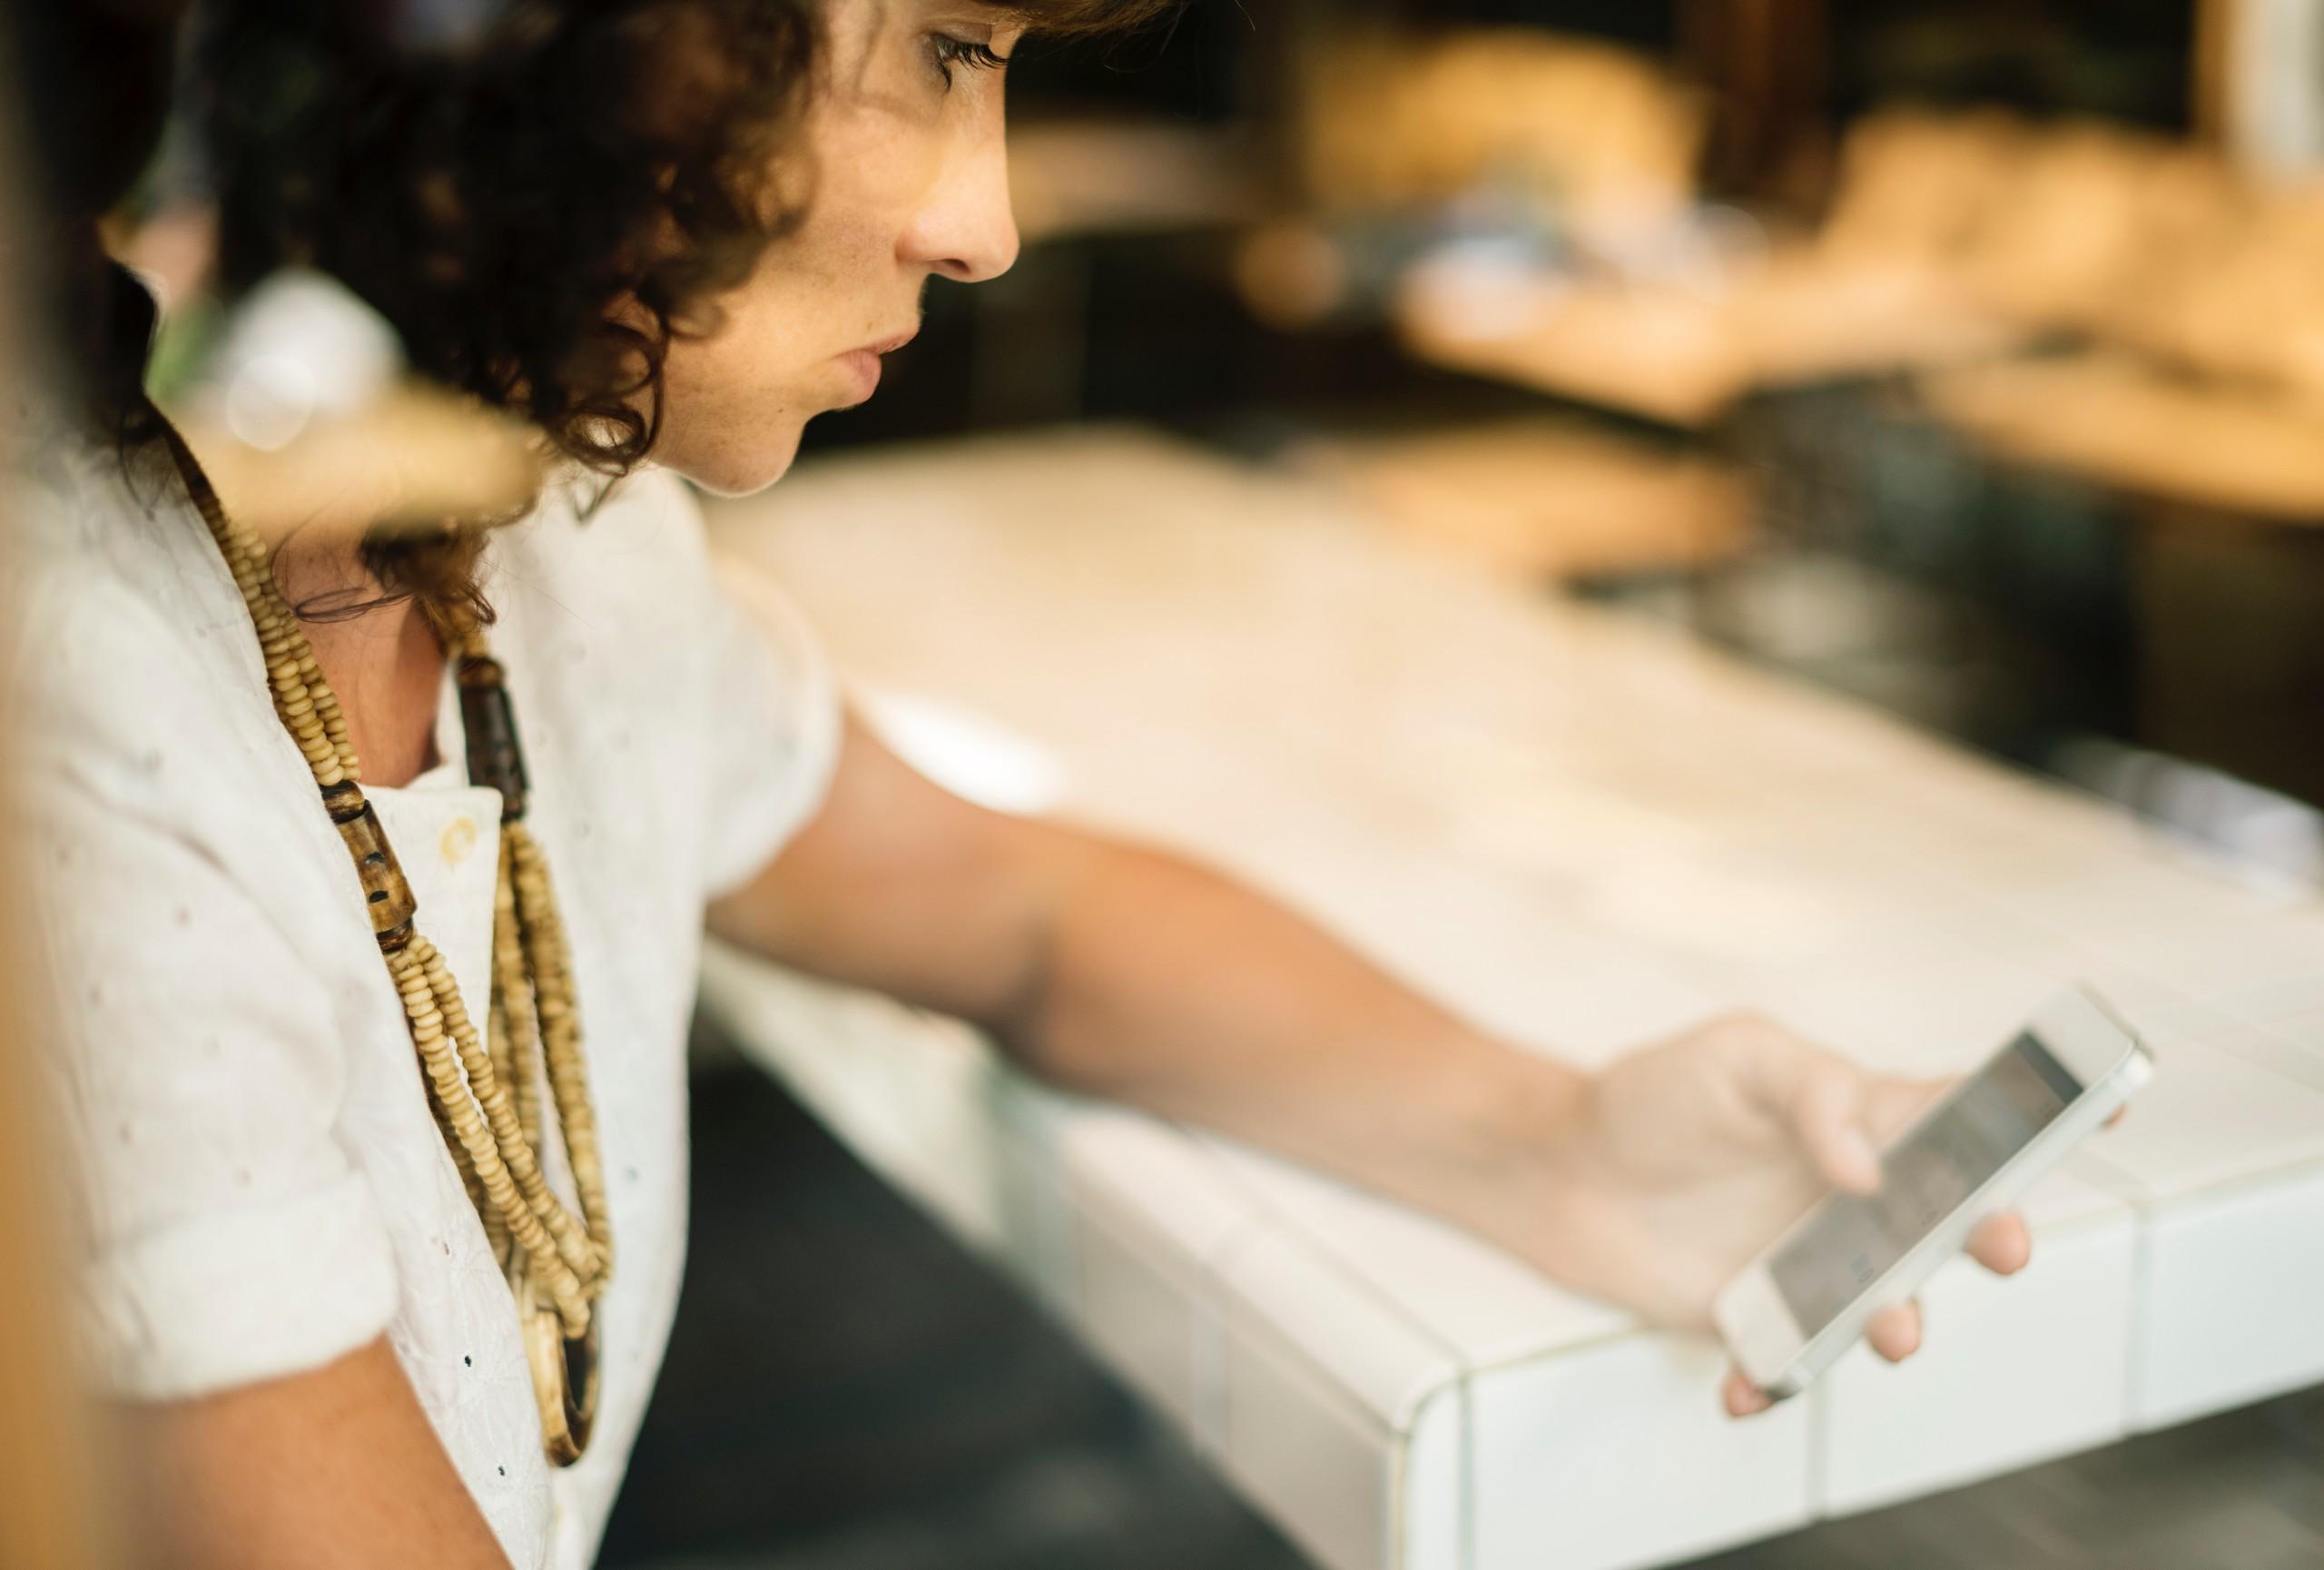 femme attablée regarde et tient téléphone main